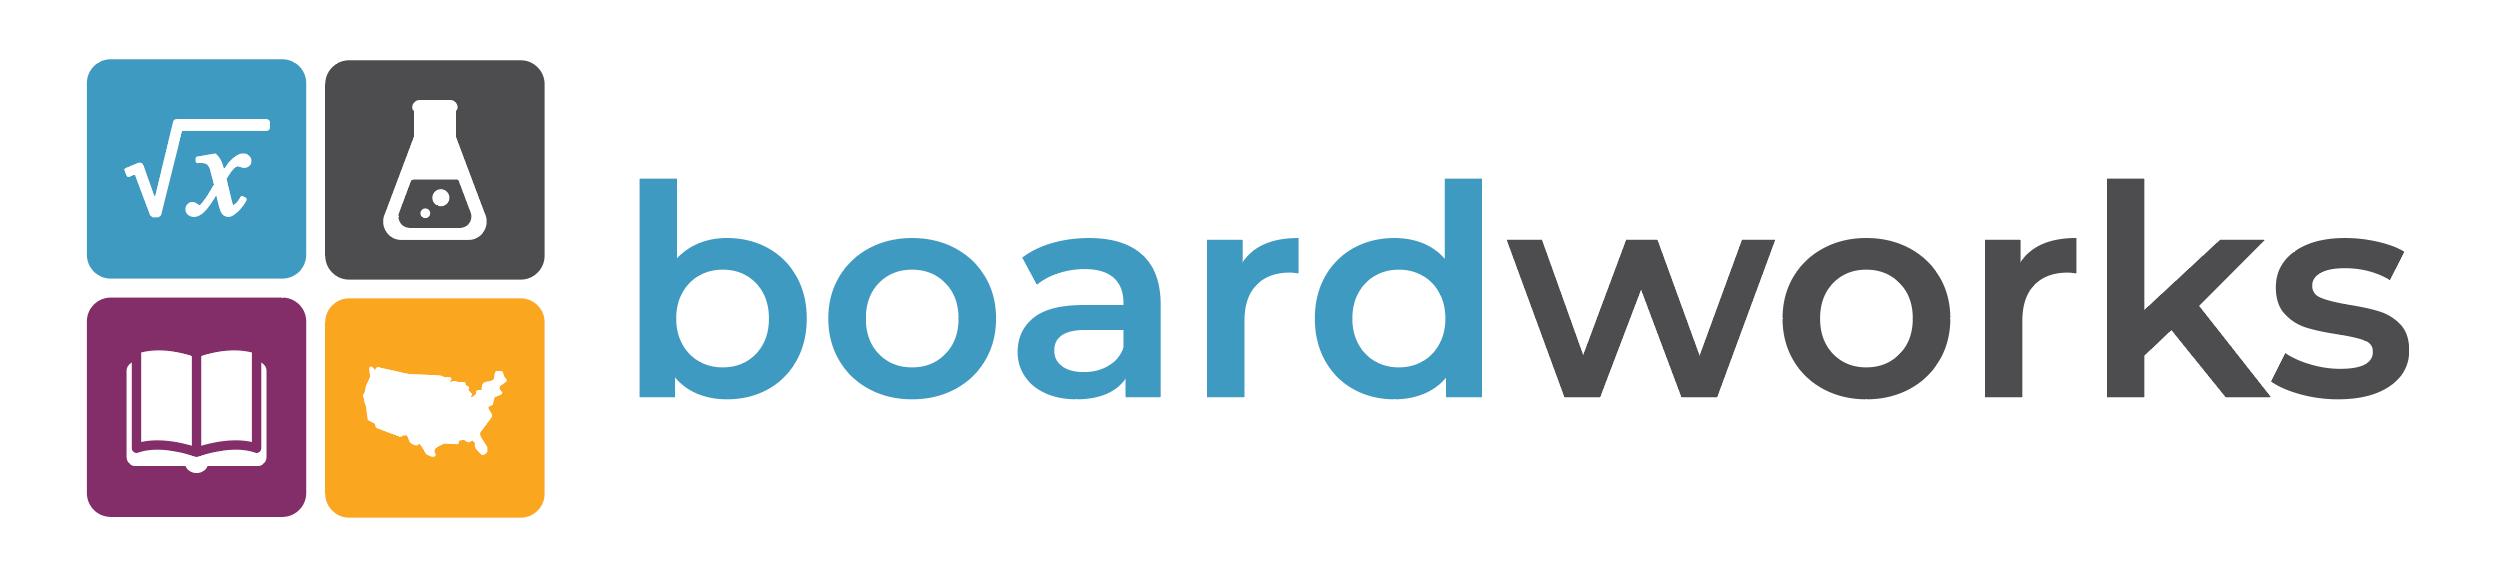 boardworks.png - 76.54 Kb